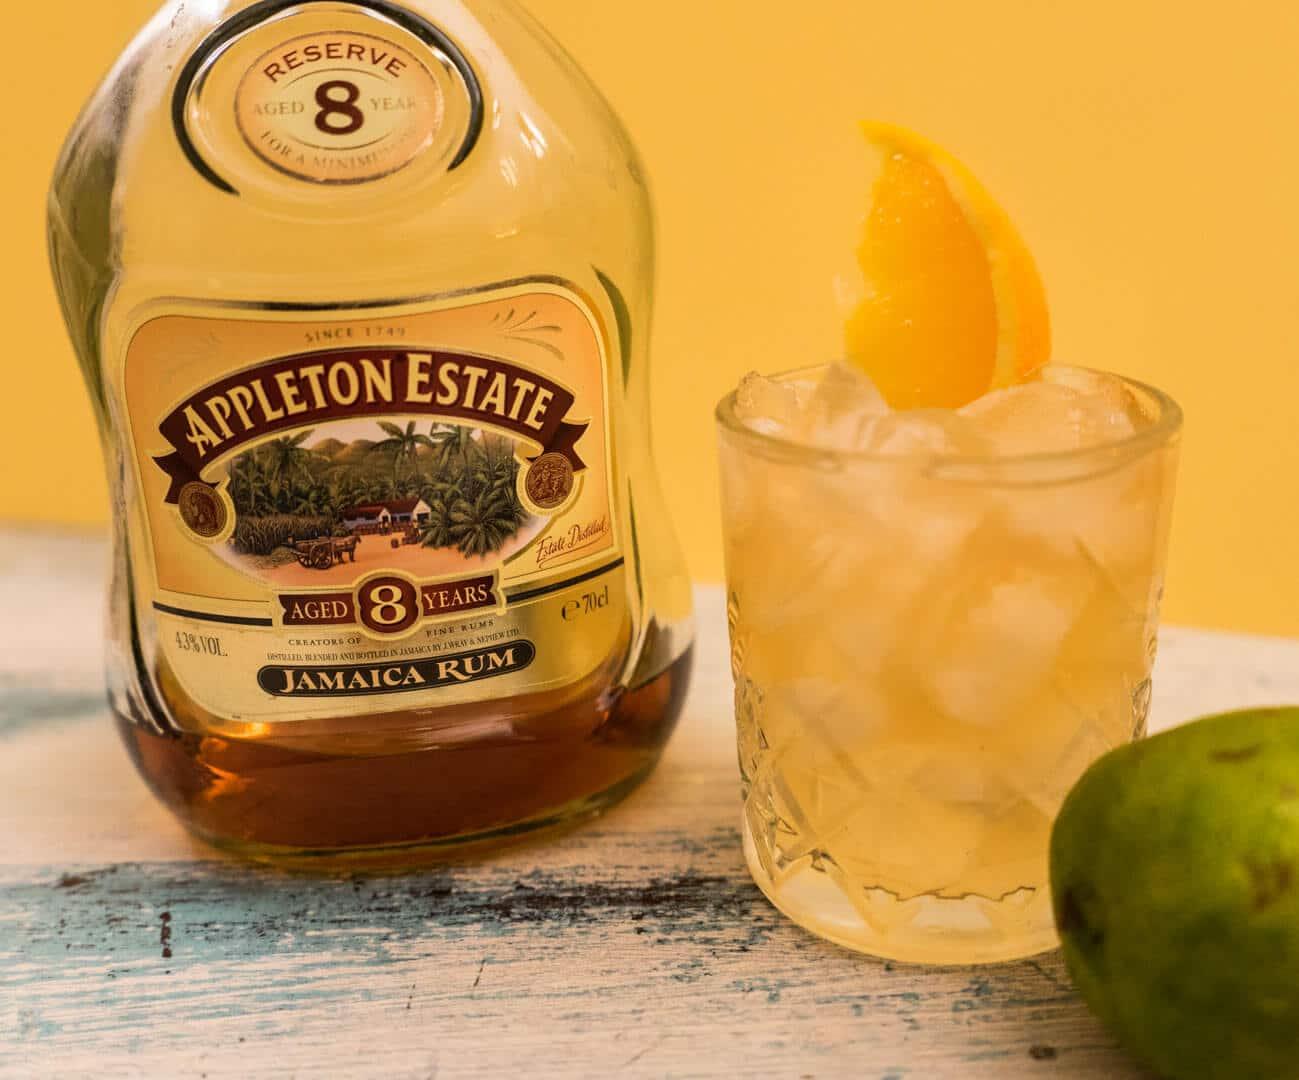 planter's punch recette colada cocktails avec appleton